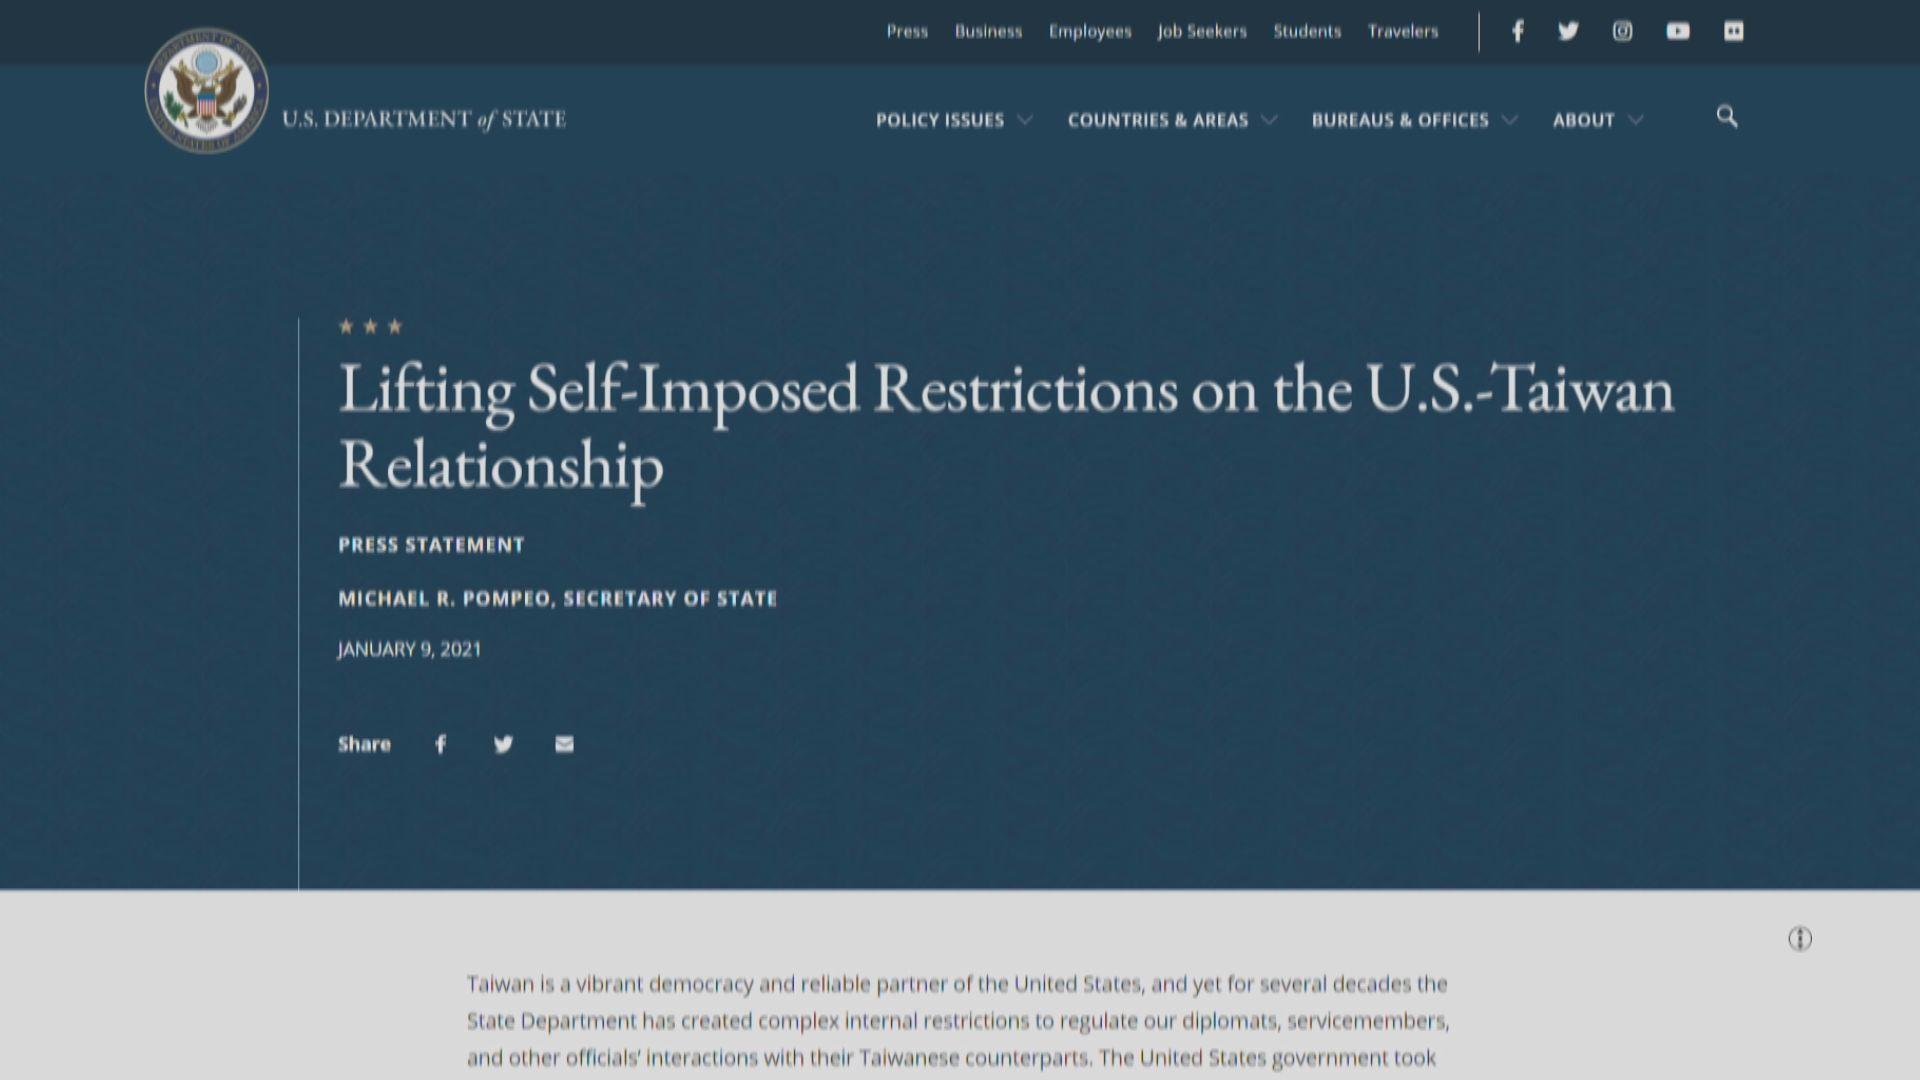 美國宣布撤銷自設對台接觸限制 外交部:反對任何形式美台官方往來